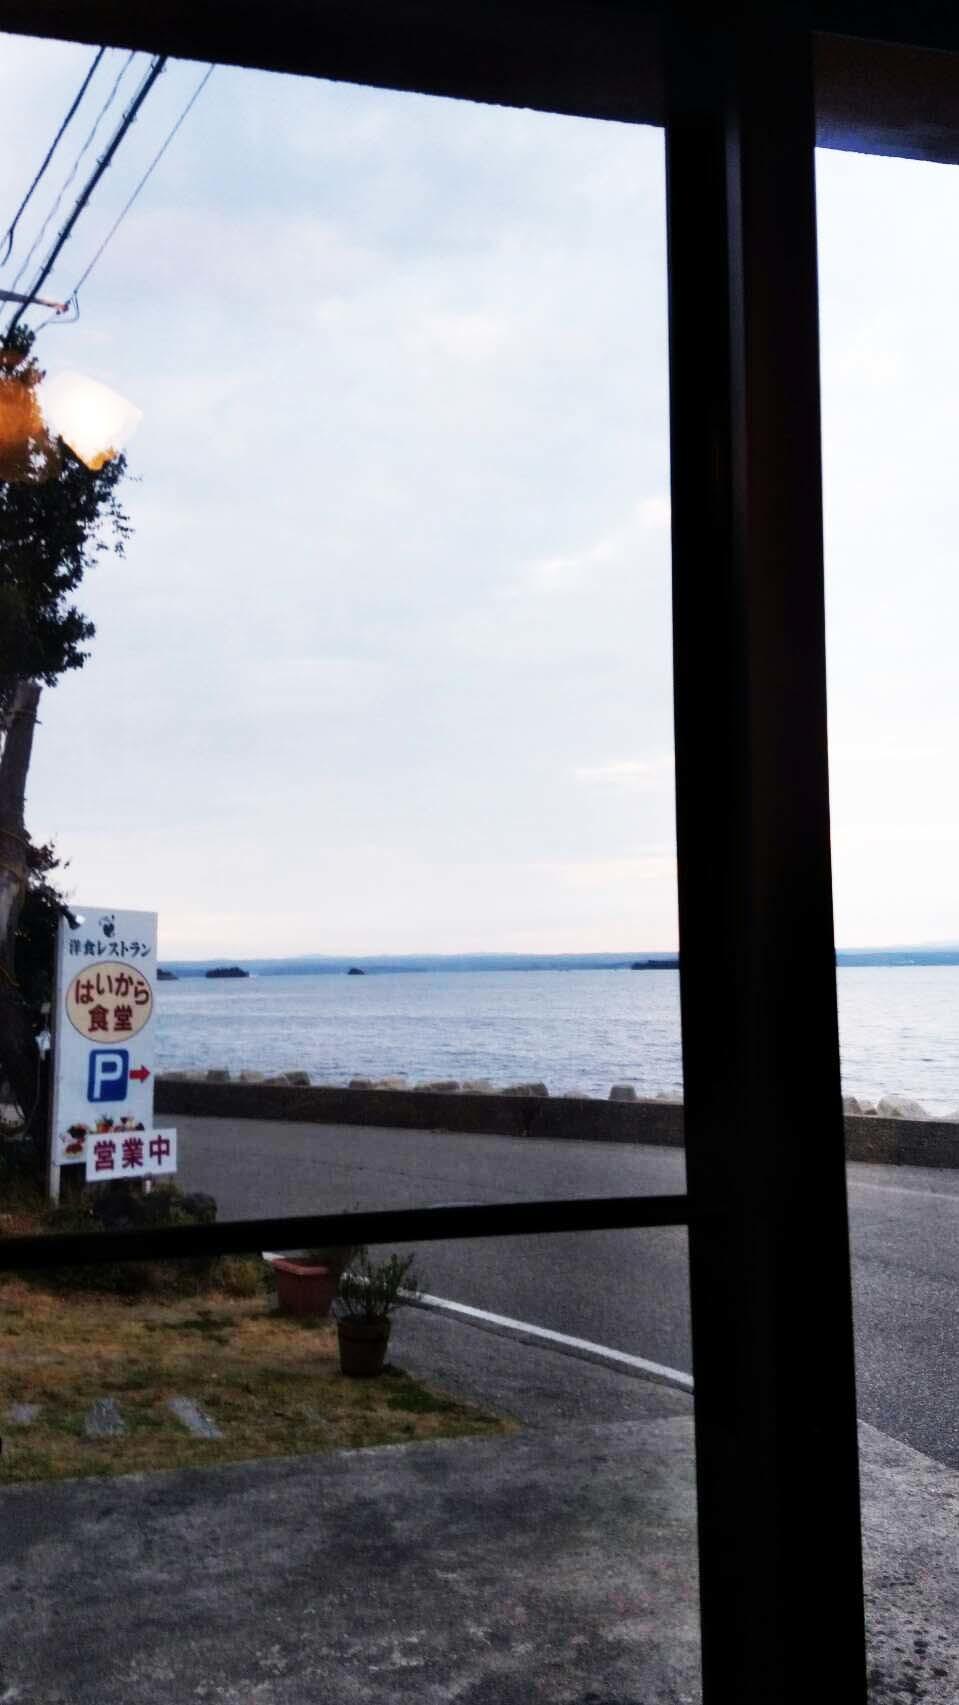 能登島へ行ってきました!_d0377645_22513883.jpg